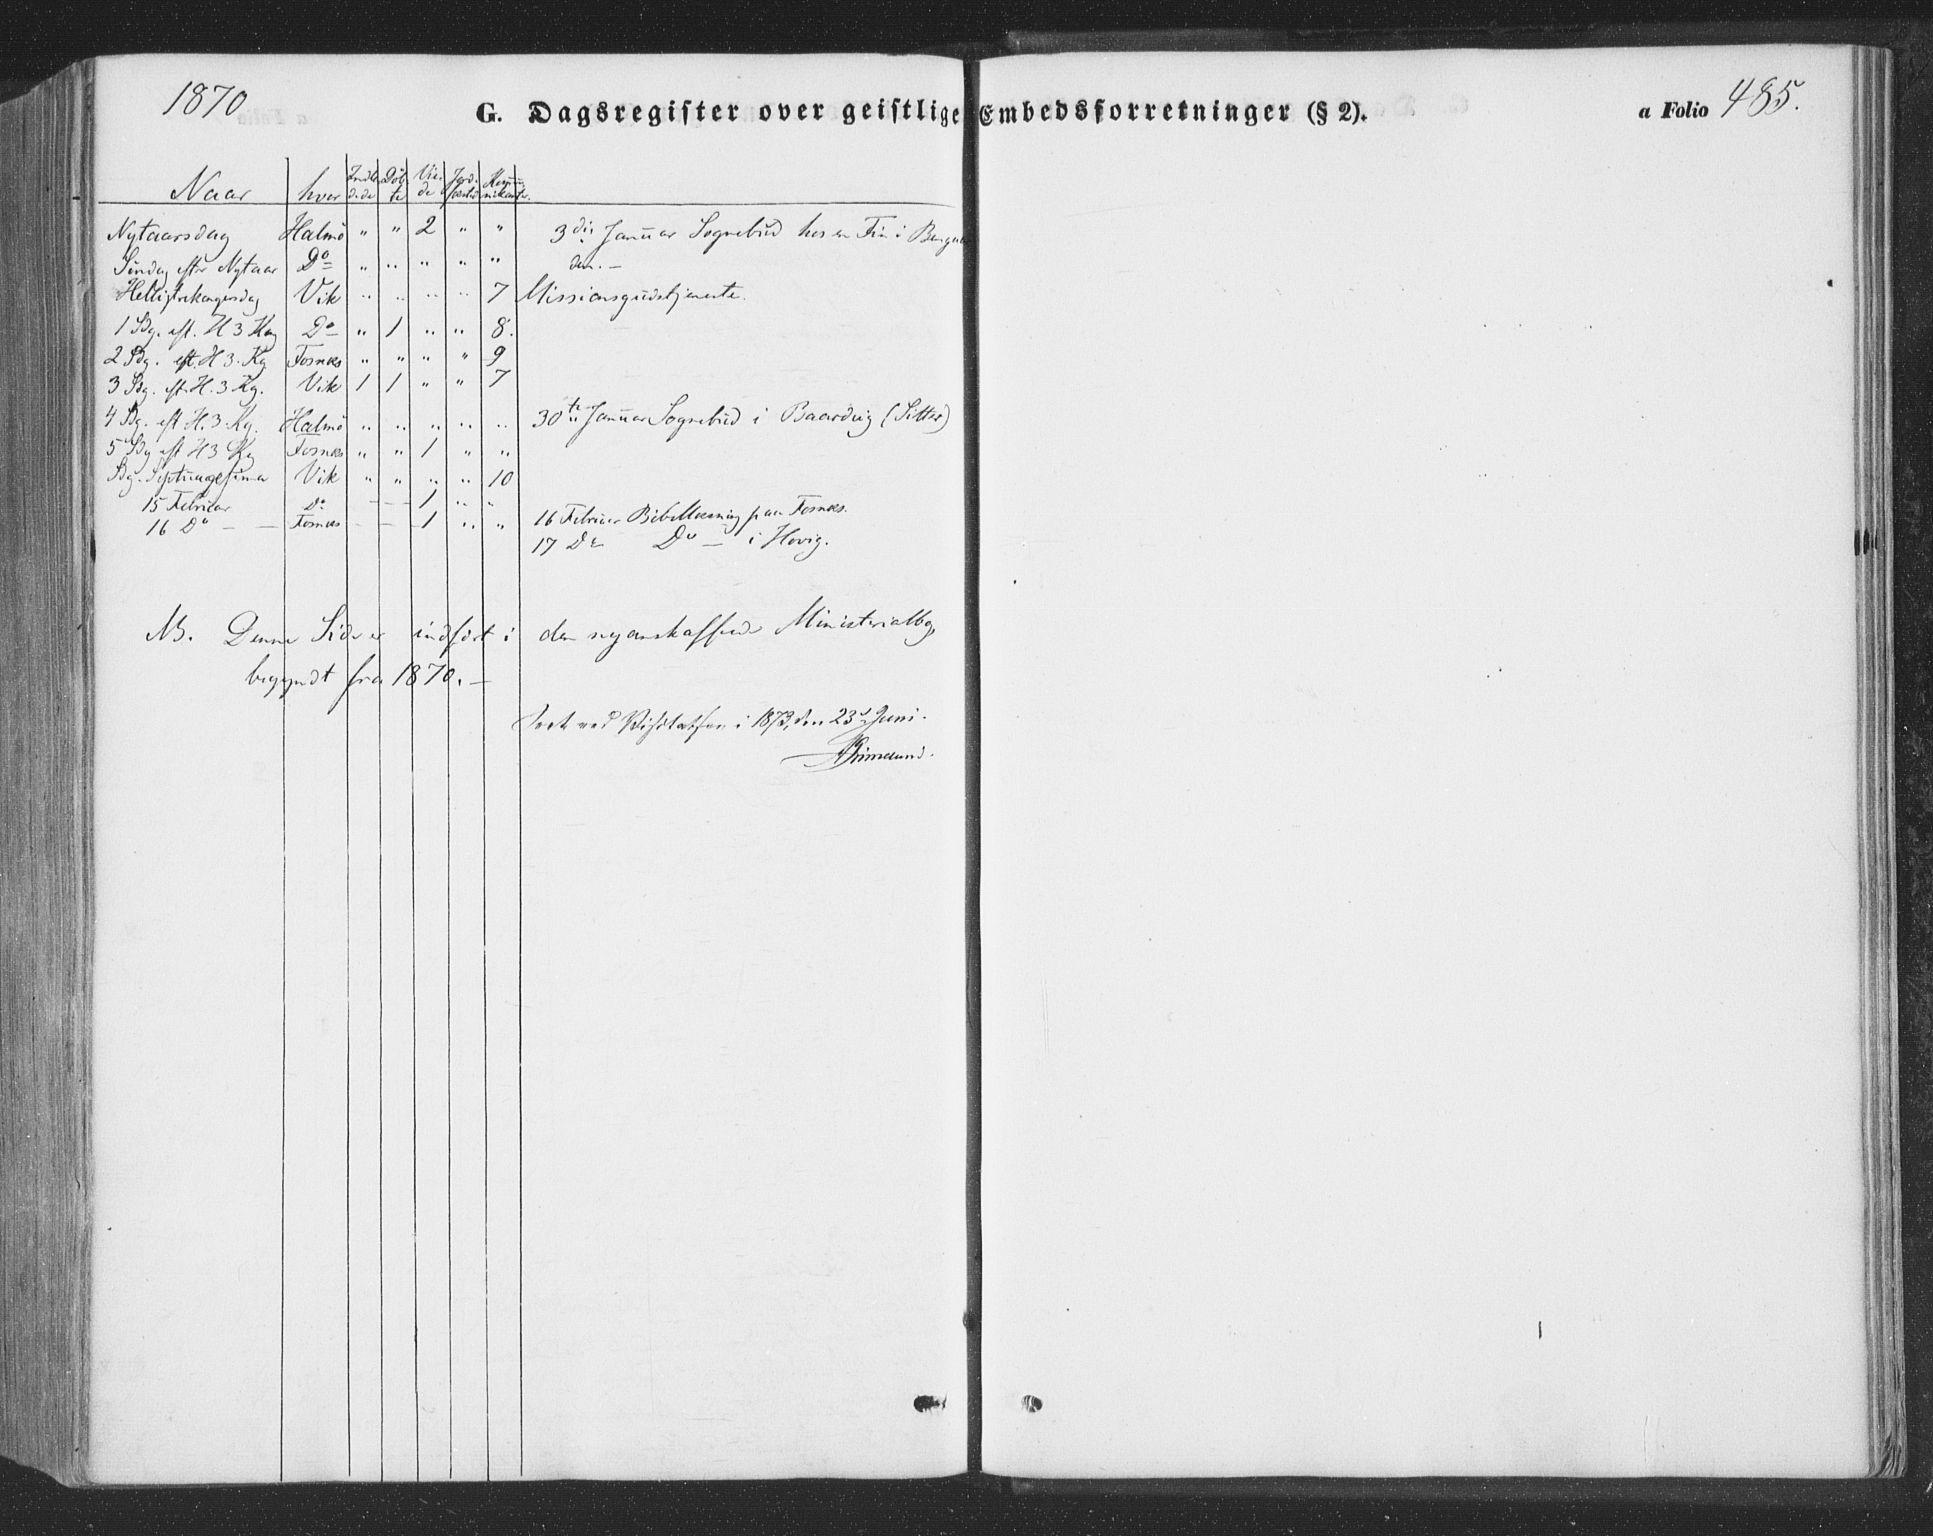 SAT, Ministerialprotokoller, klokkerbøker og fødselsregistre - Nord-Trøndelag, 773/L0615: Ministerialbok nr. 773A06, 1857-1870, s. 485